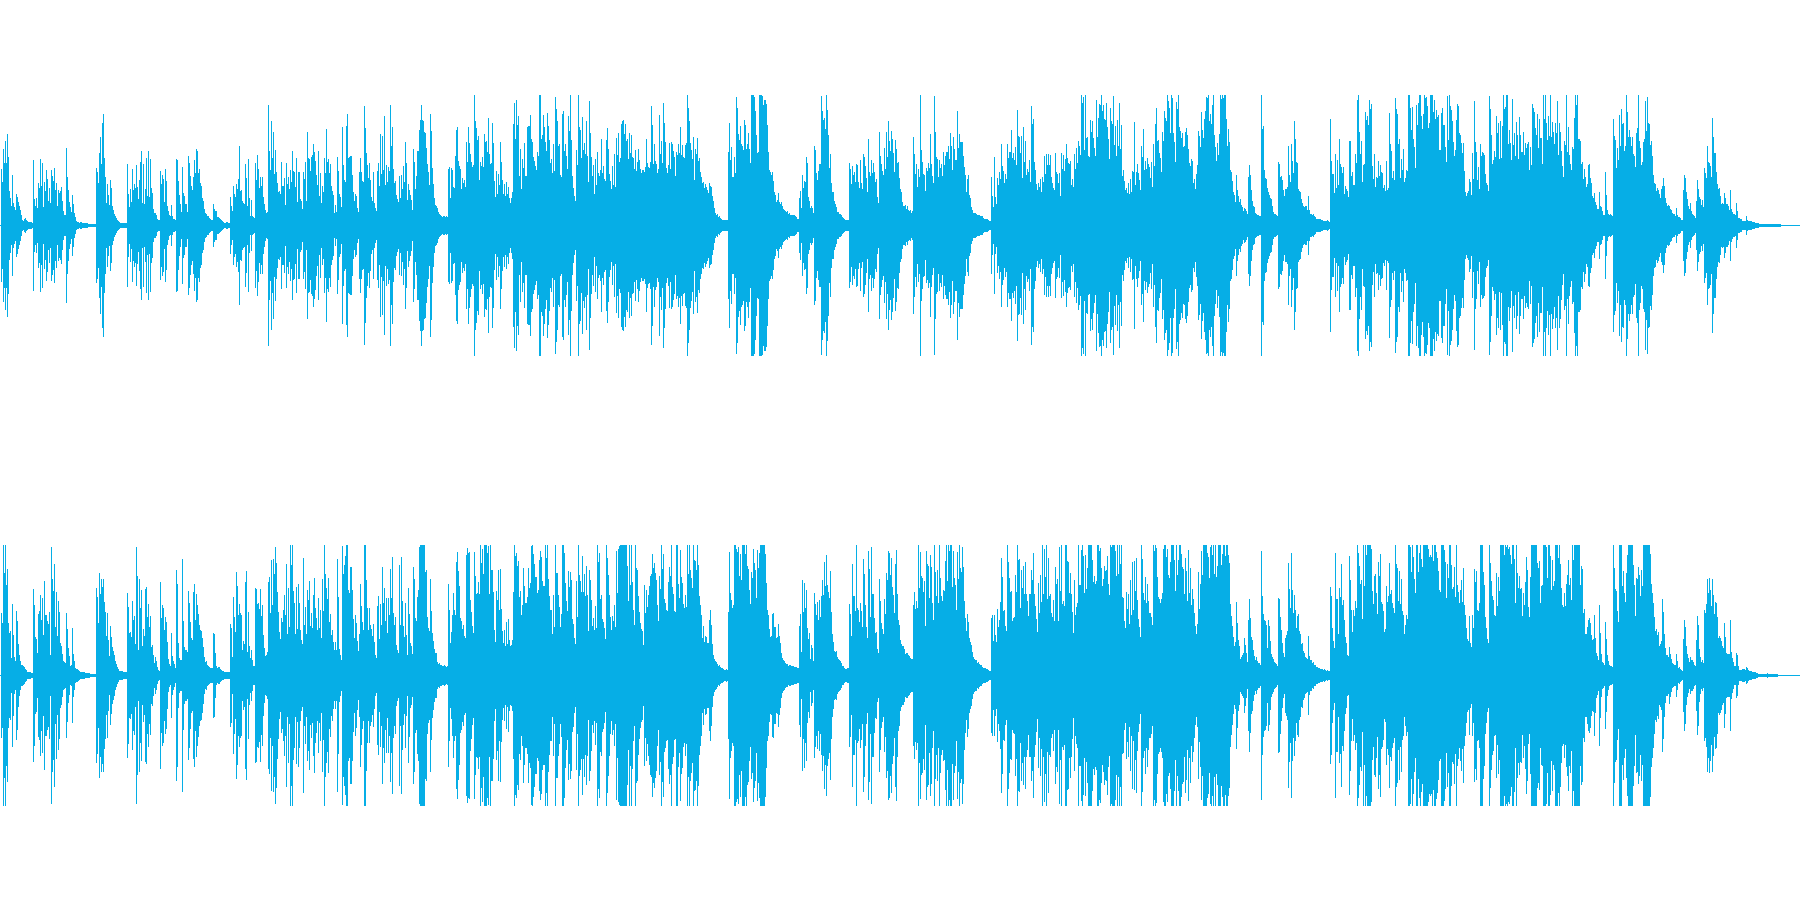 切ない美しいメロディ 生演奏のピアノソロの再生済みの波形